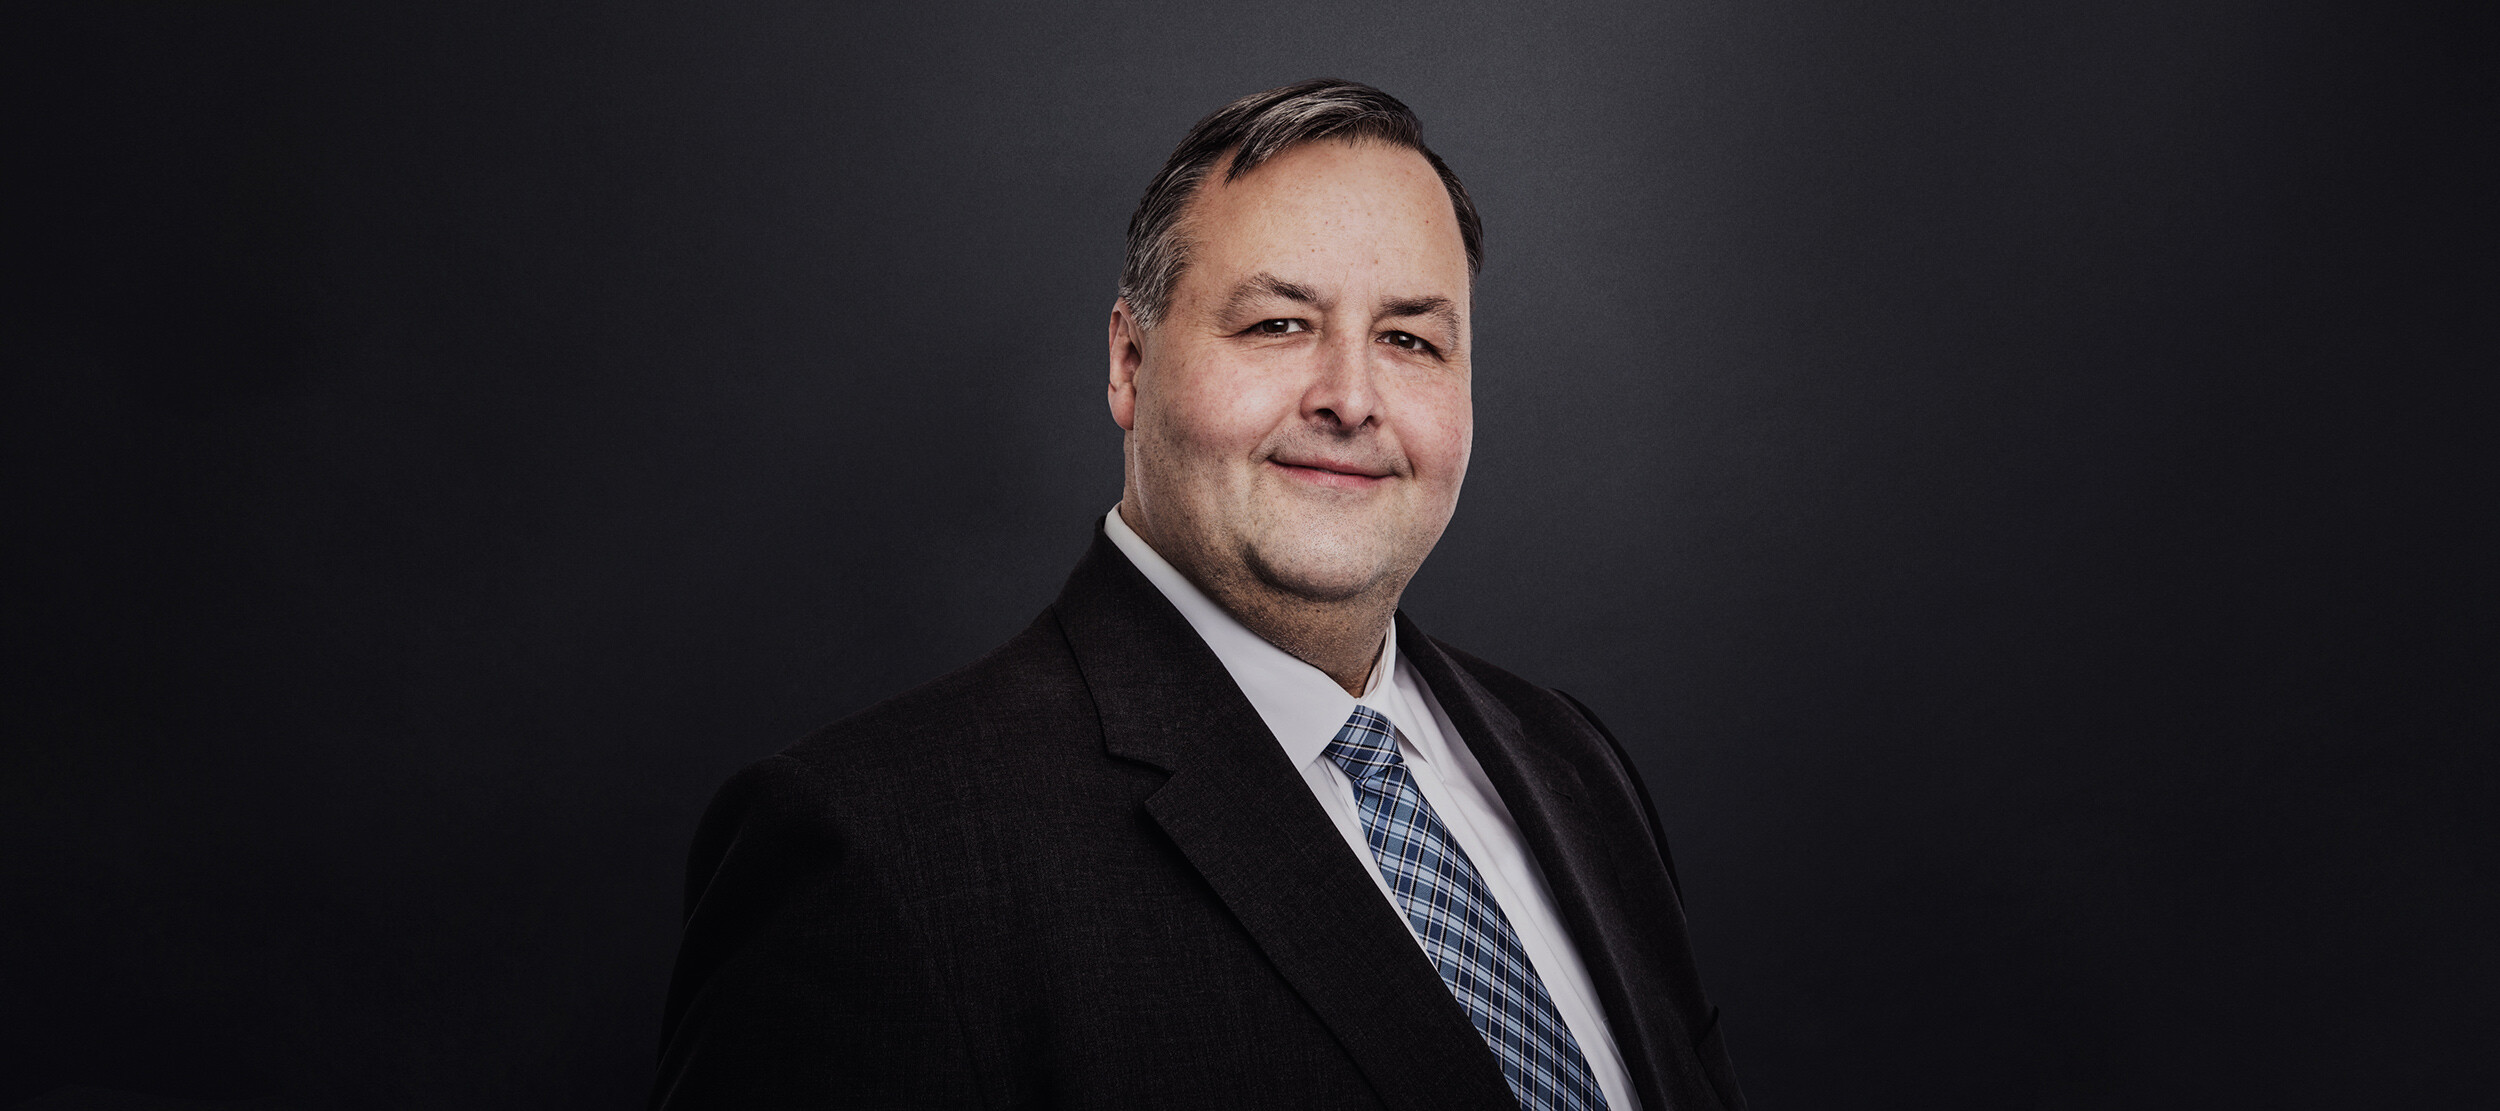 Claus Hohenberger - CPA, Wirtschaftsprüfer, Steuerberater & Prokurist